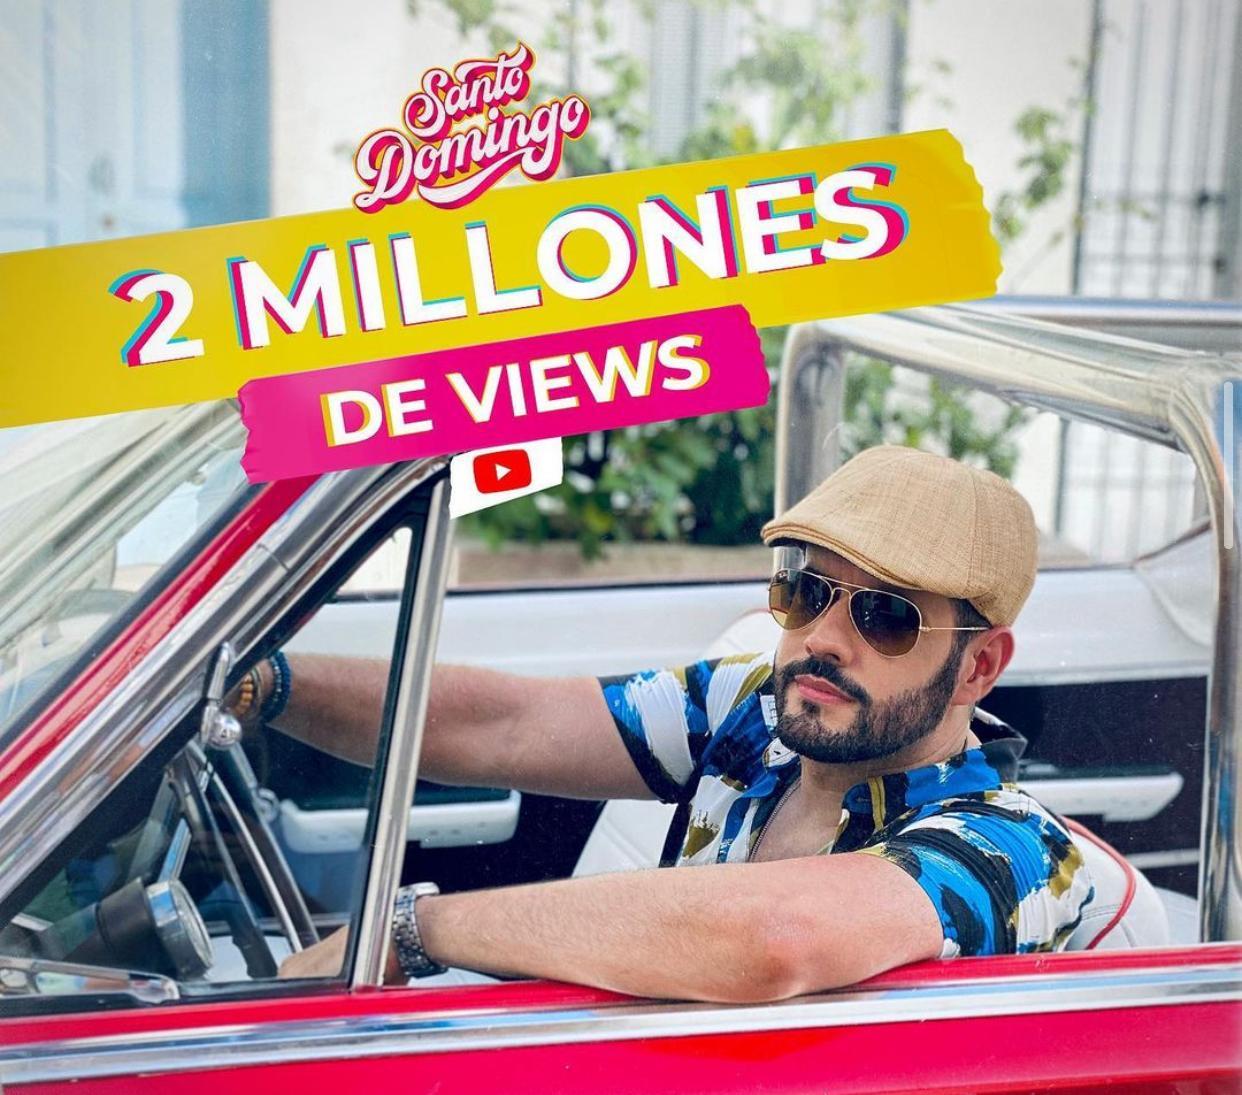 Manny cruz celebra 2 millones de views con tema Santo Domingo